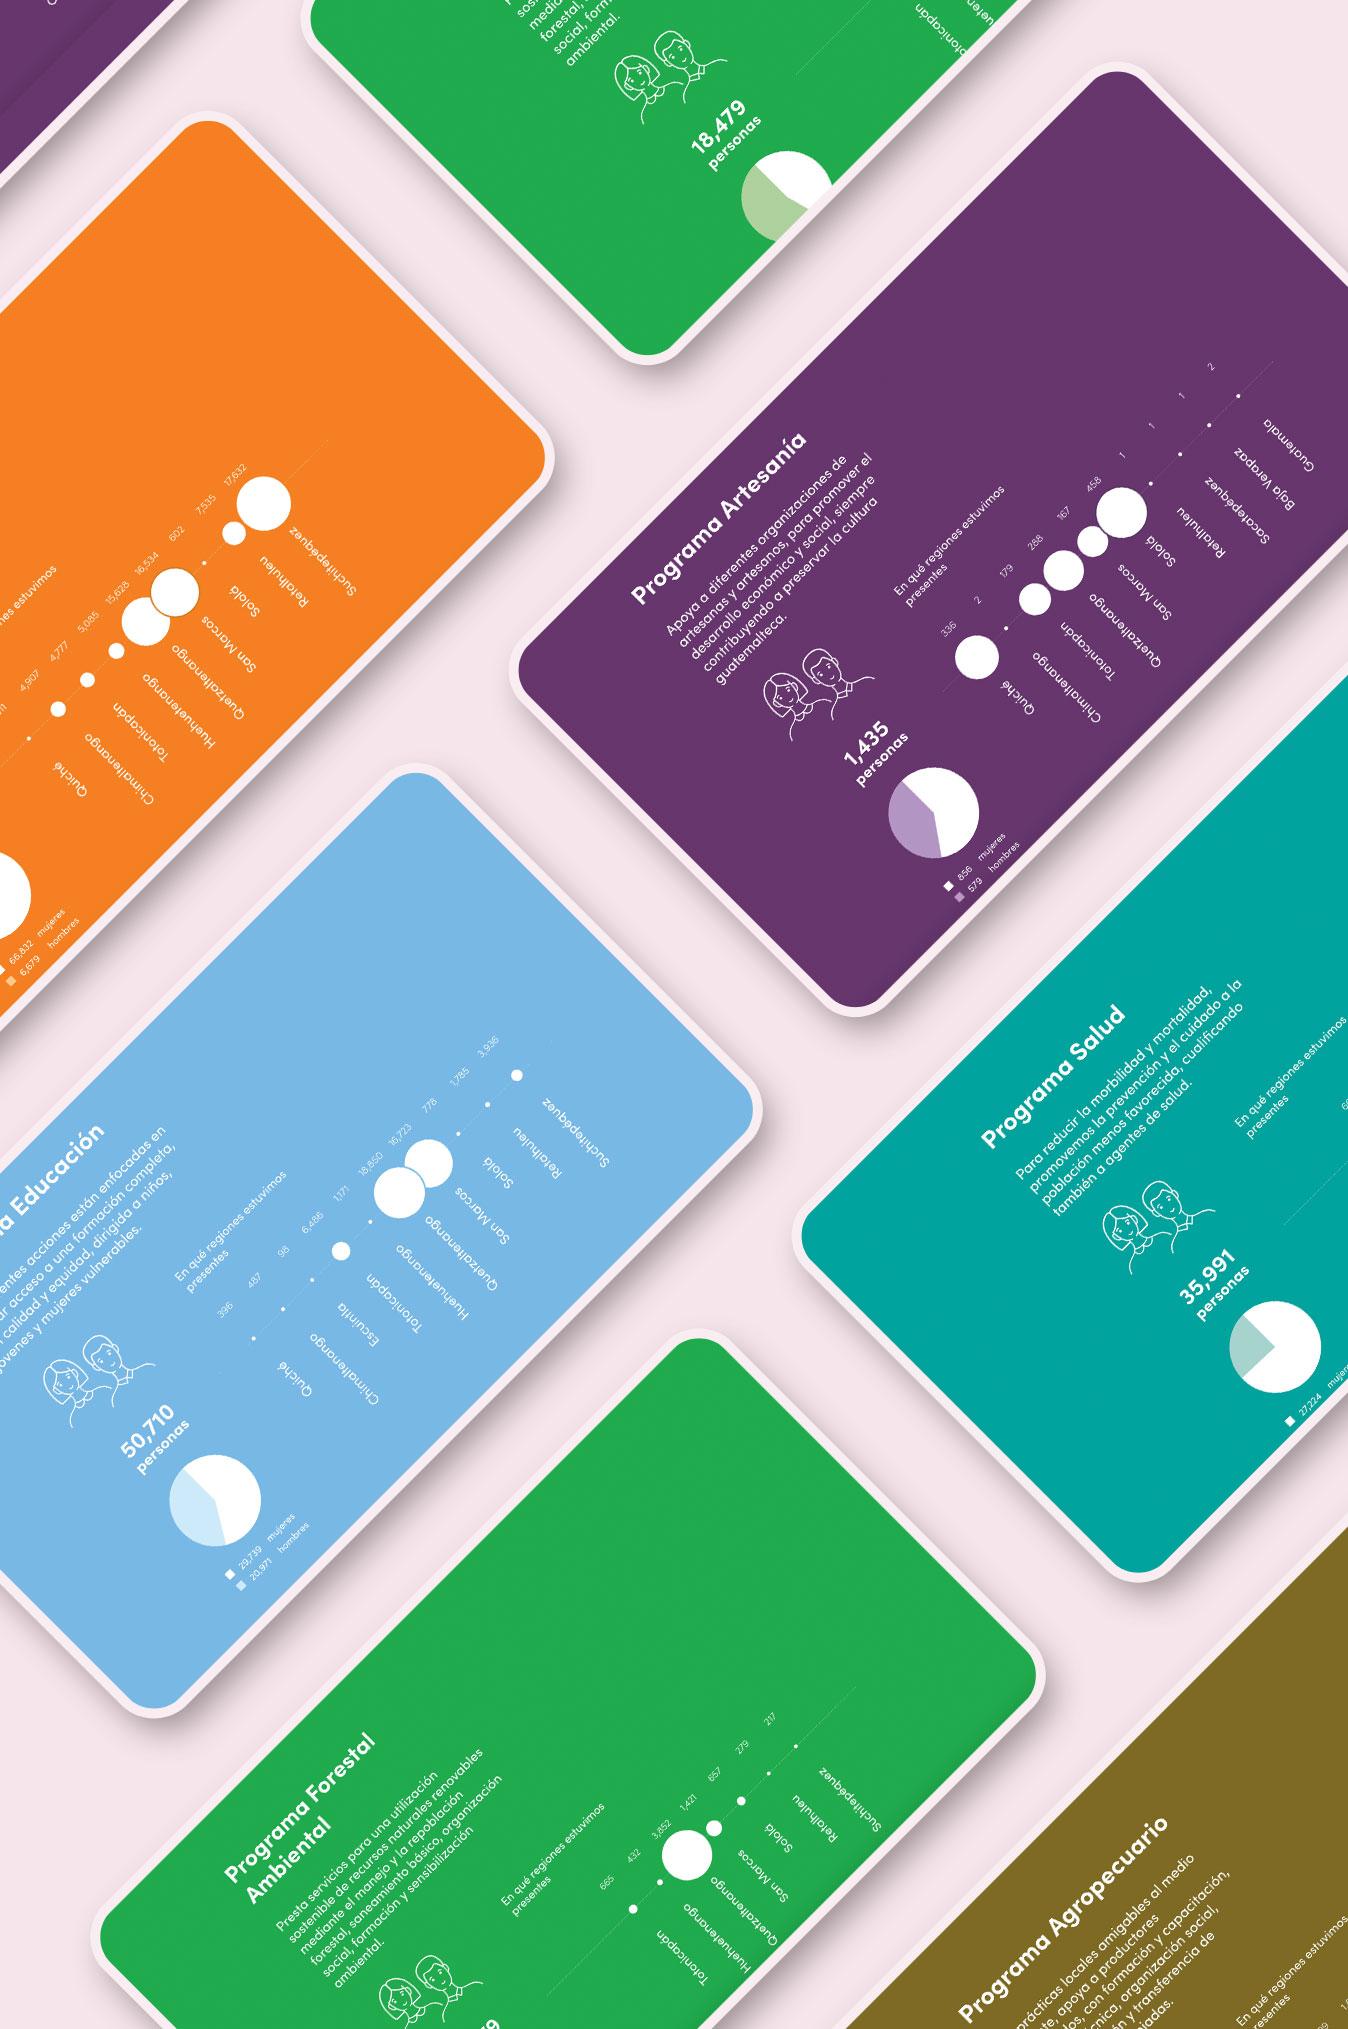 Identidad corporativa de una ONG colores